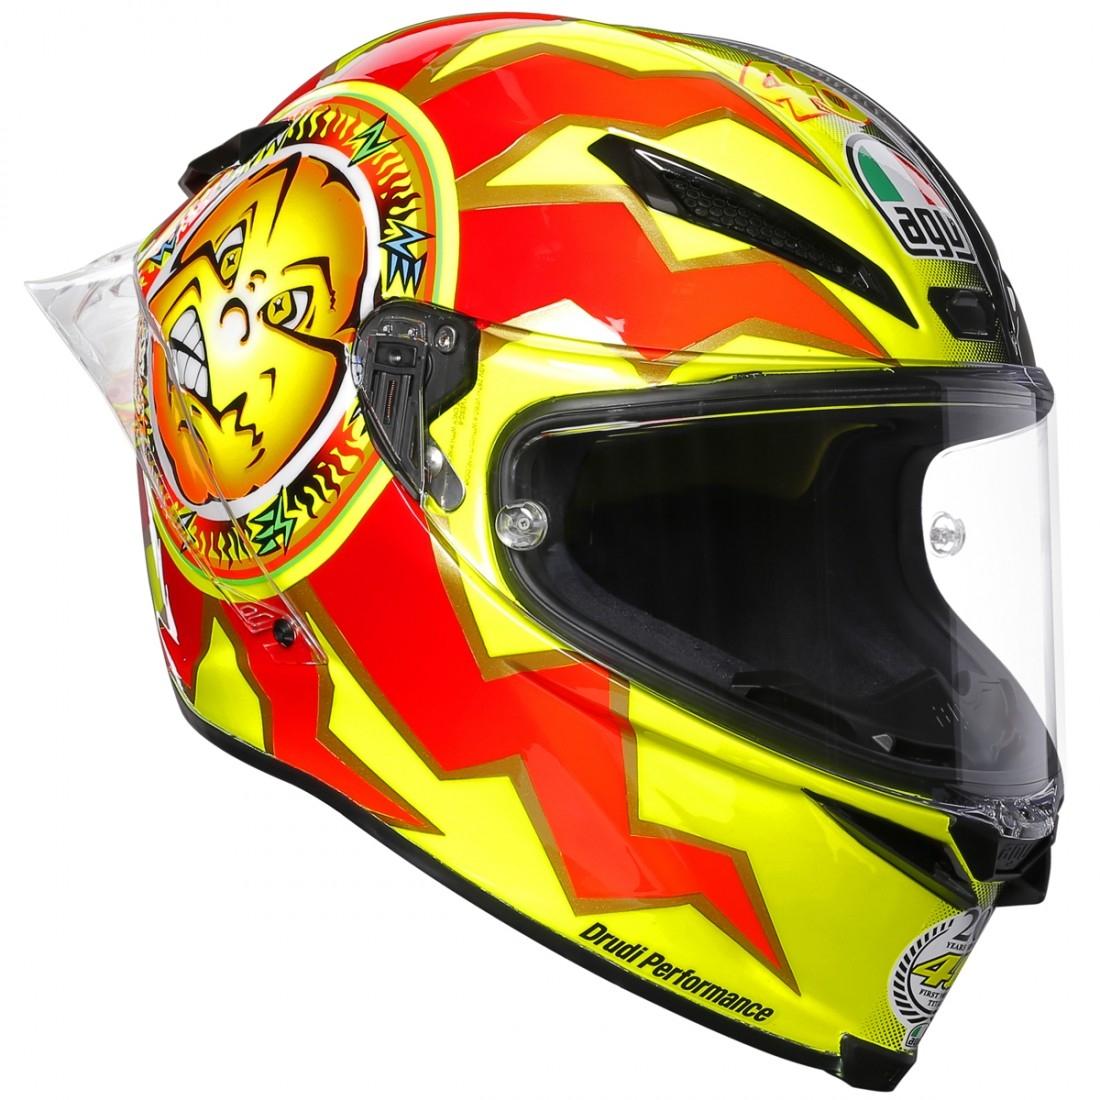 71a3c77c5e5e4 MotoMundi - Cascos Integrales AGV Pista GP R 20 Rossi Aniversario